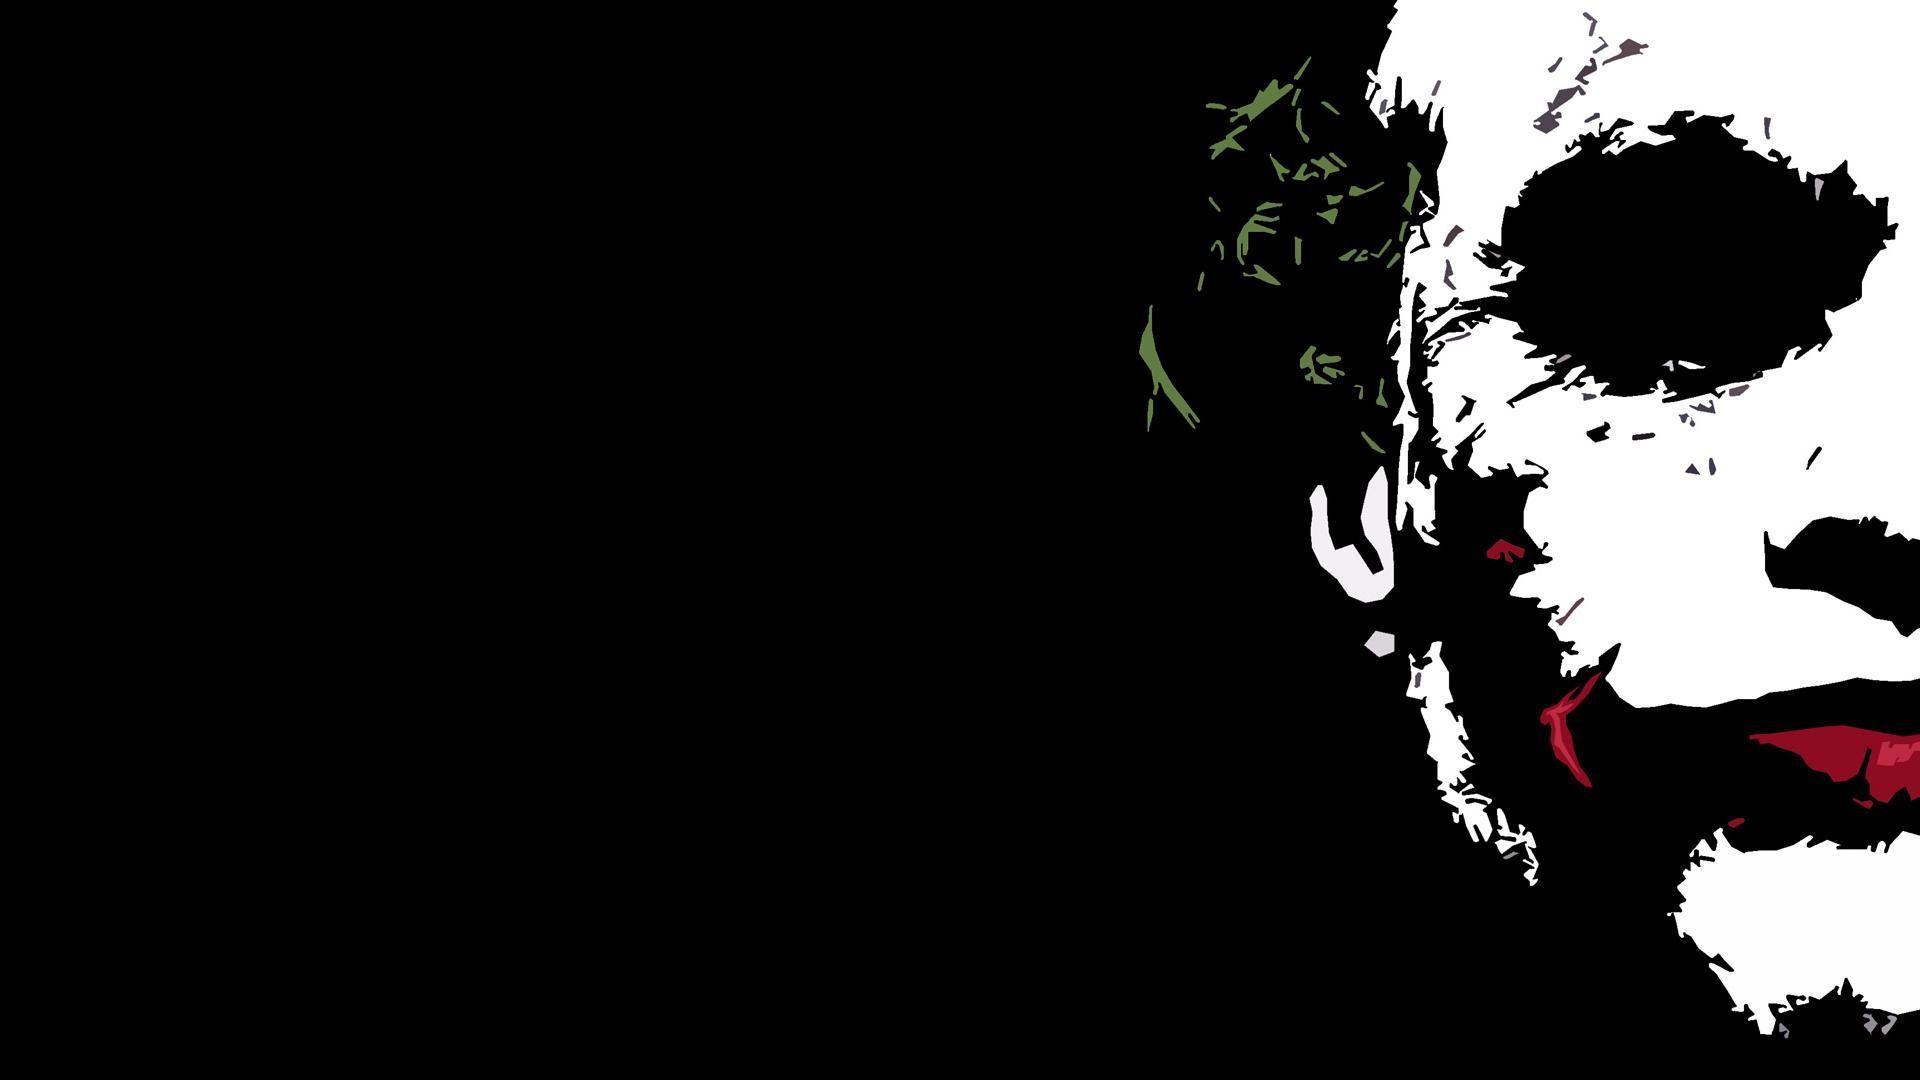 Wallpapers For > The Joker Wallpaper